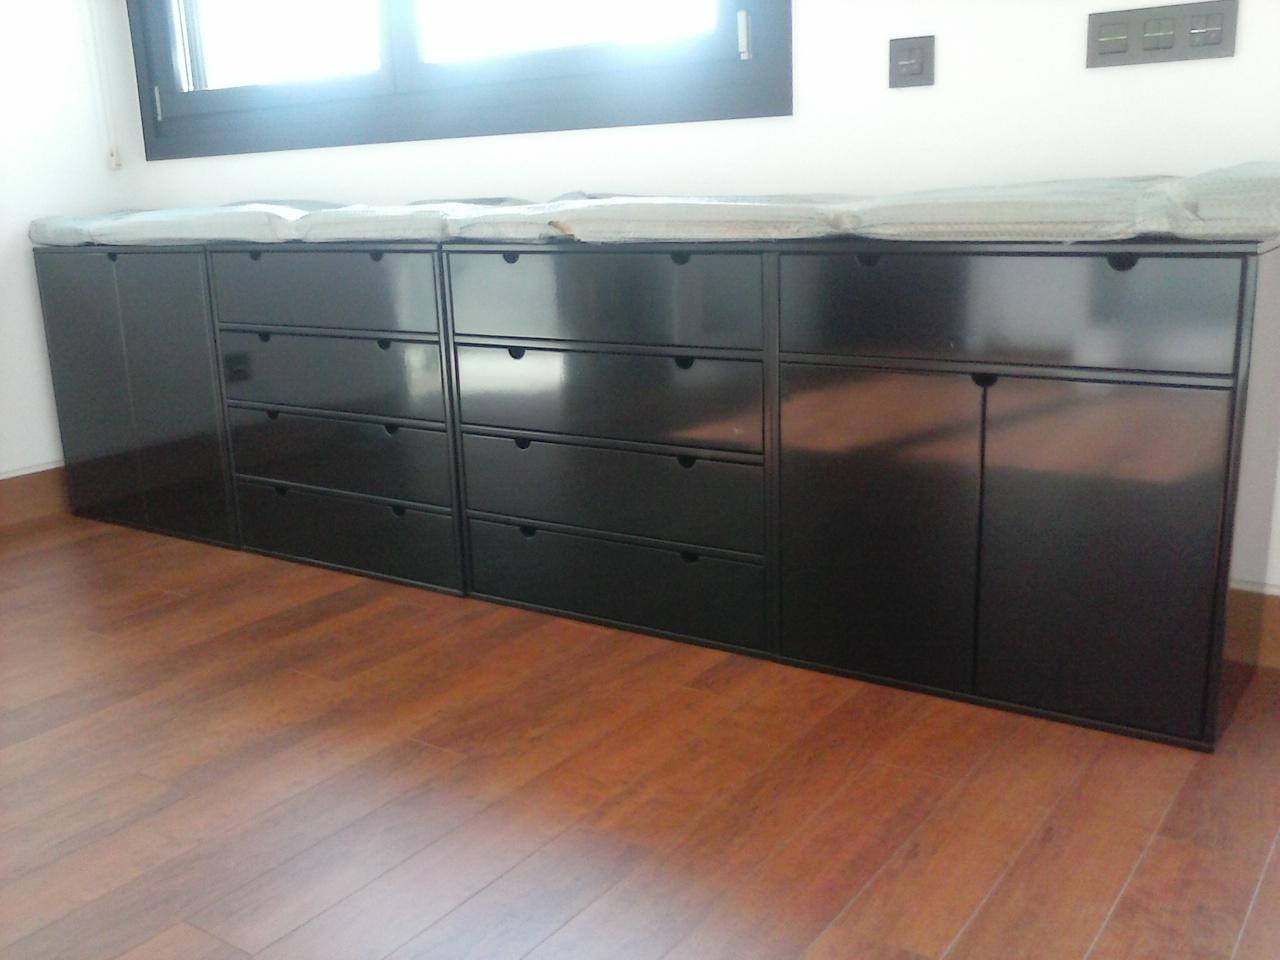 Lacados en blanco de puertas y lacado de muebles antig os for Lacado de muebles